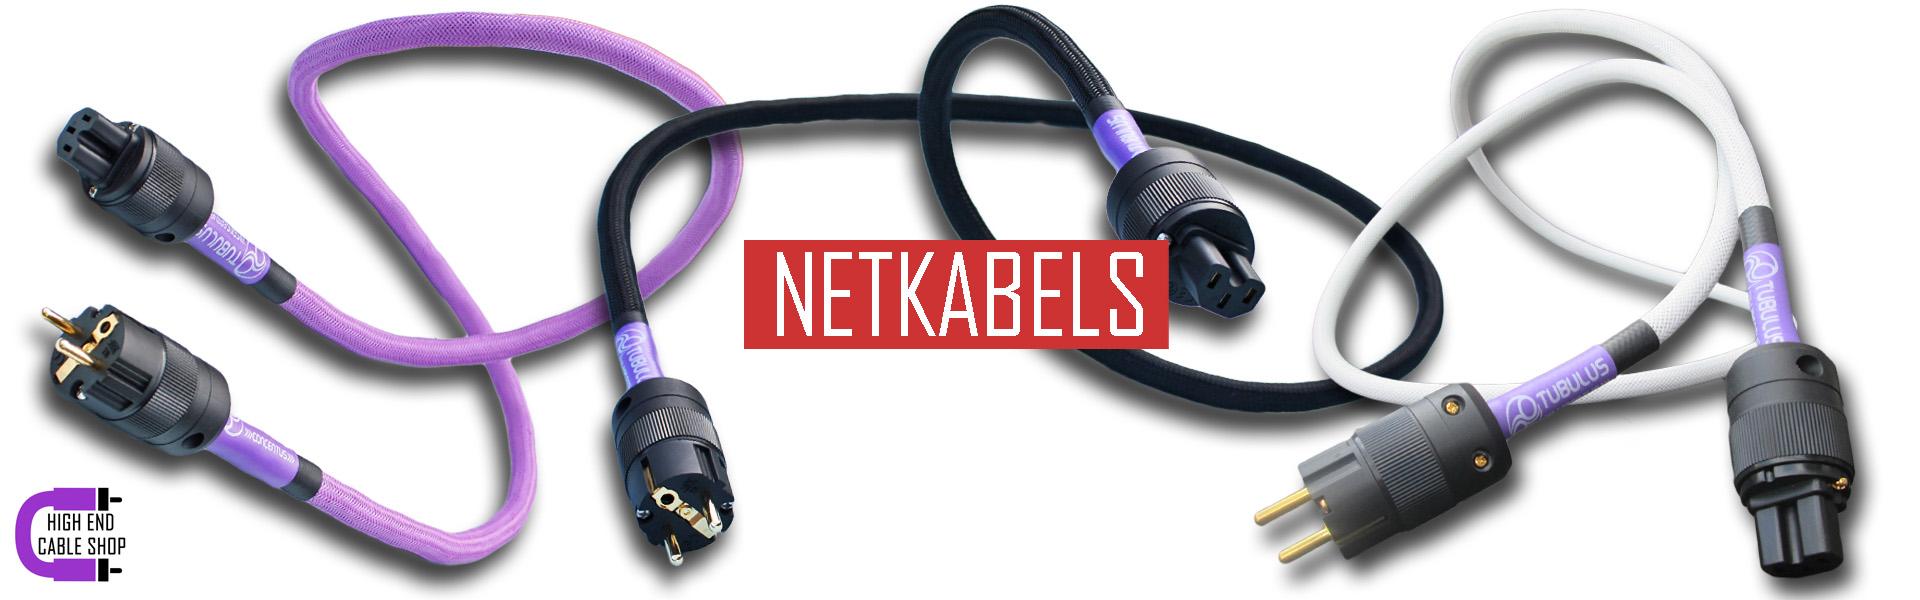 High end cable shop slide netkabels